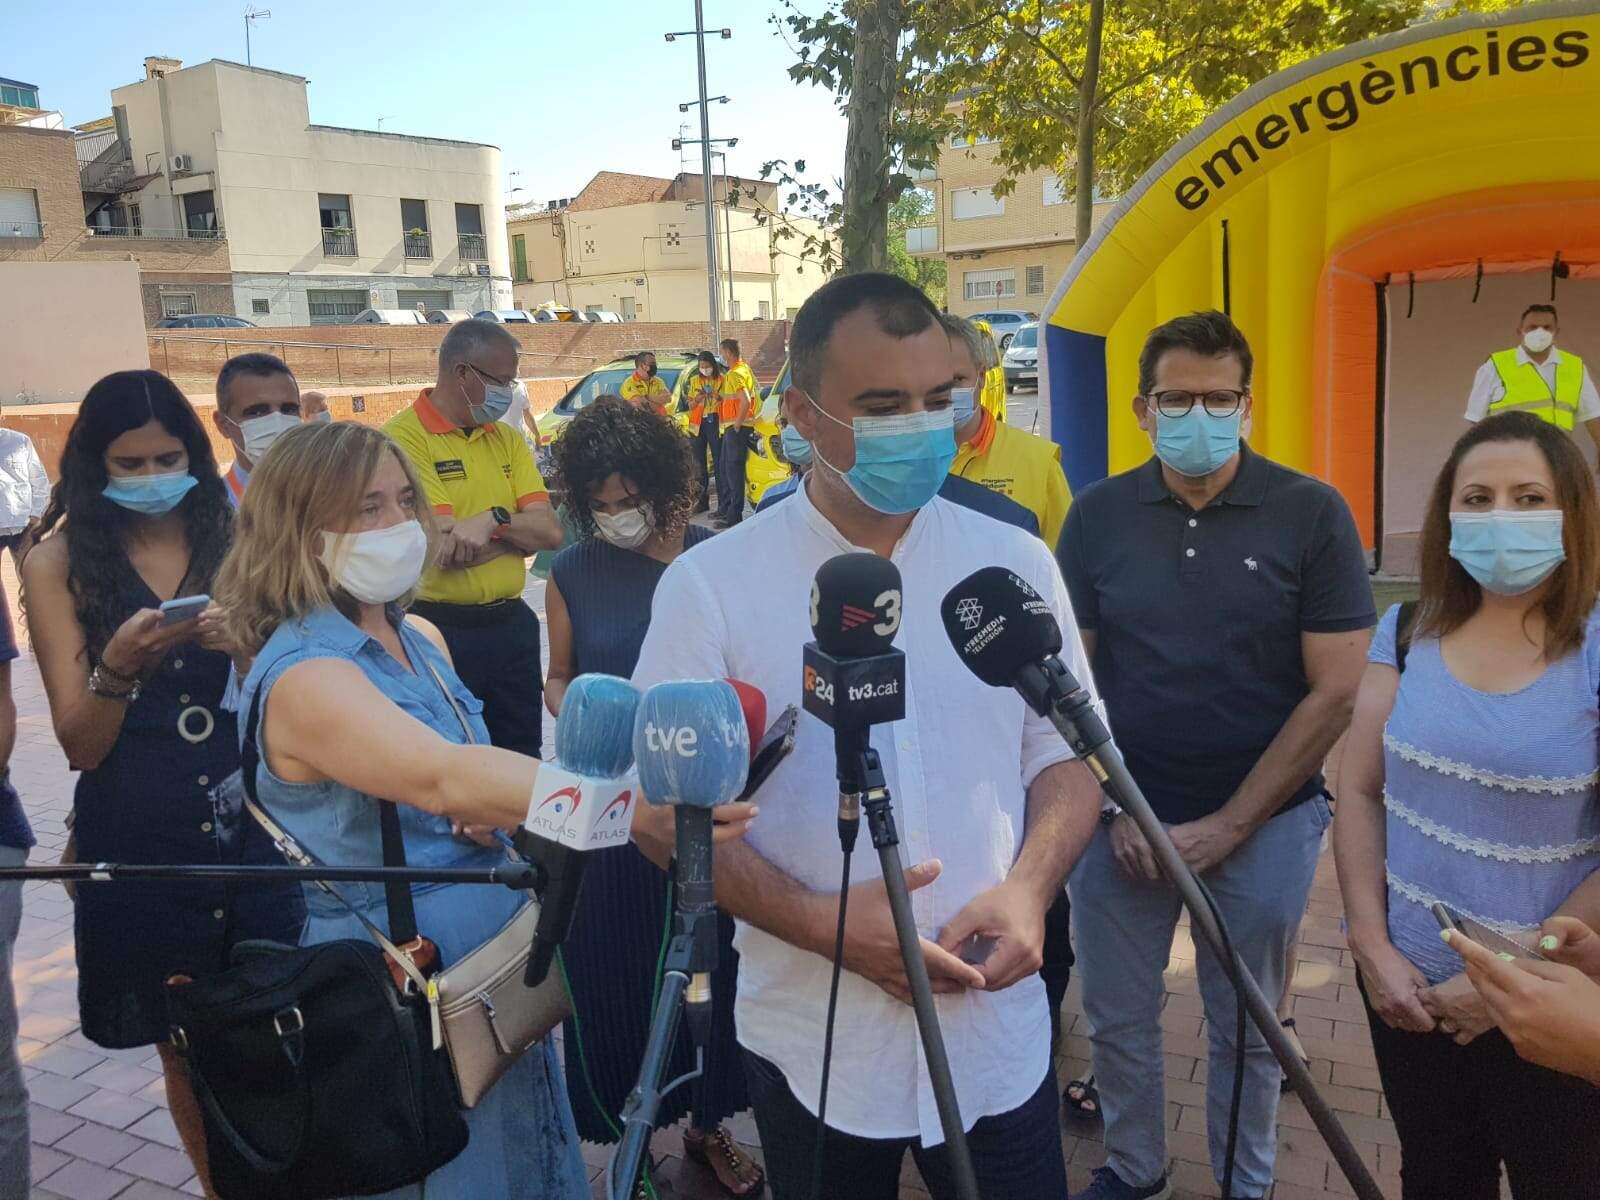 L'alcalde Jordi Ballart atenent la premsa a la plaça Cultura de Terrassa